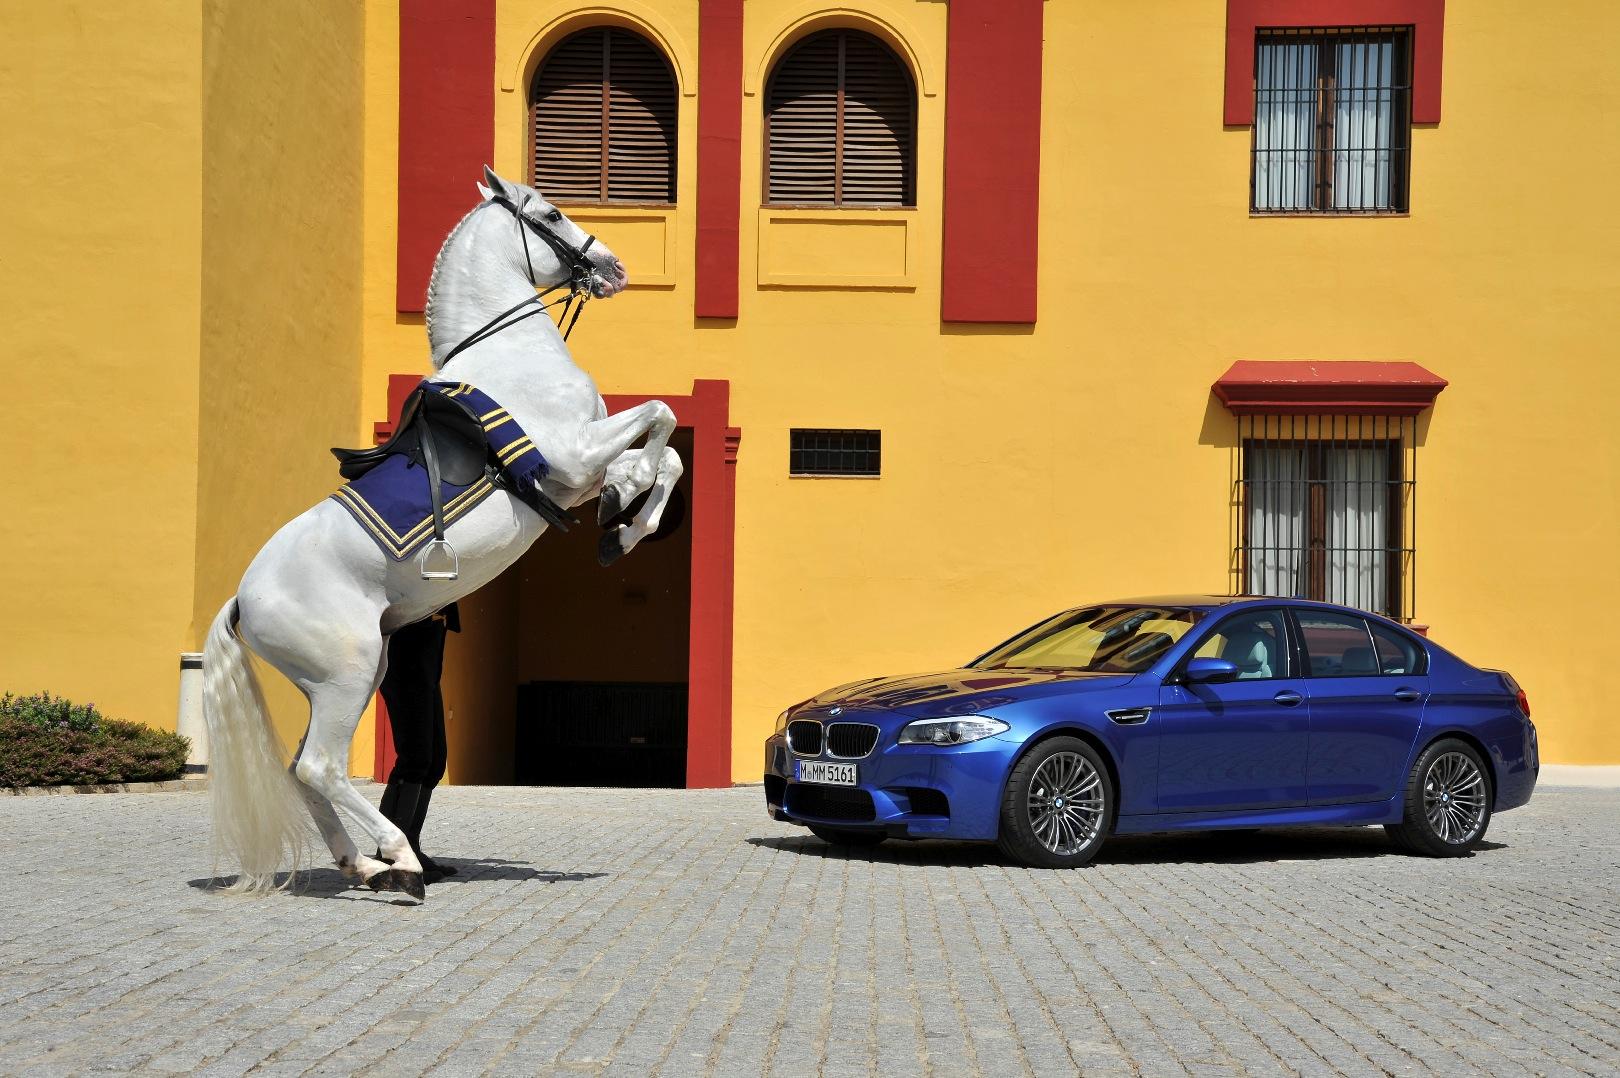 2012 Bmw M5 Gets One Extra Horsepower Autoevolution